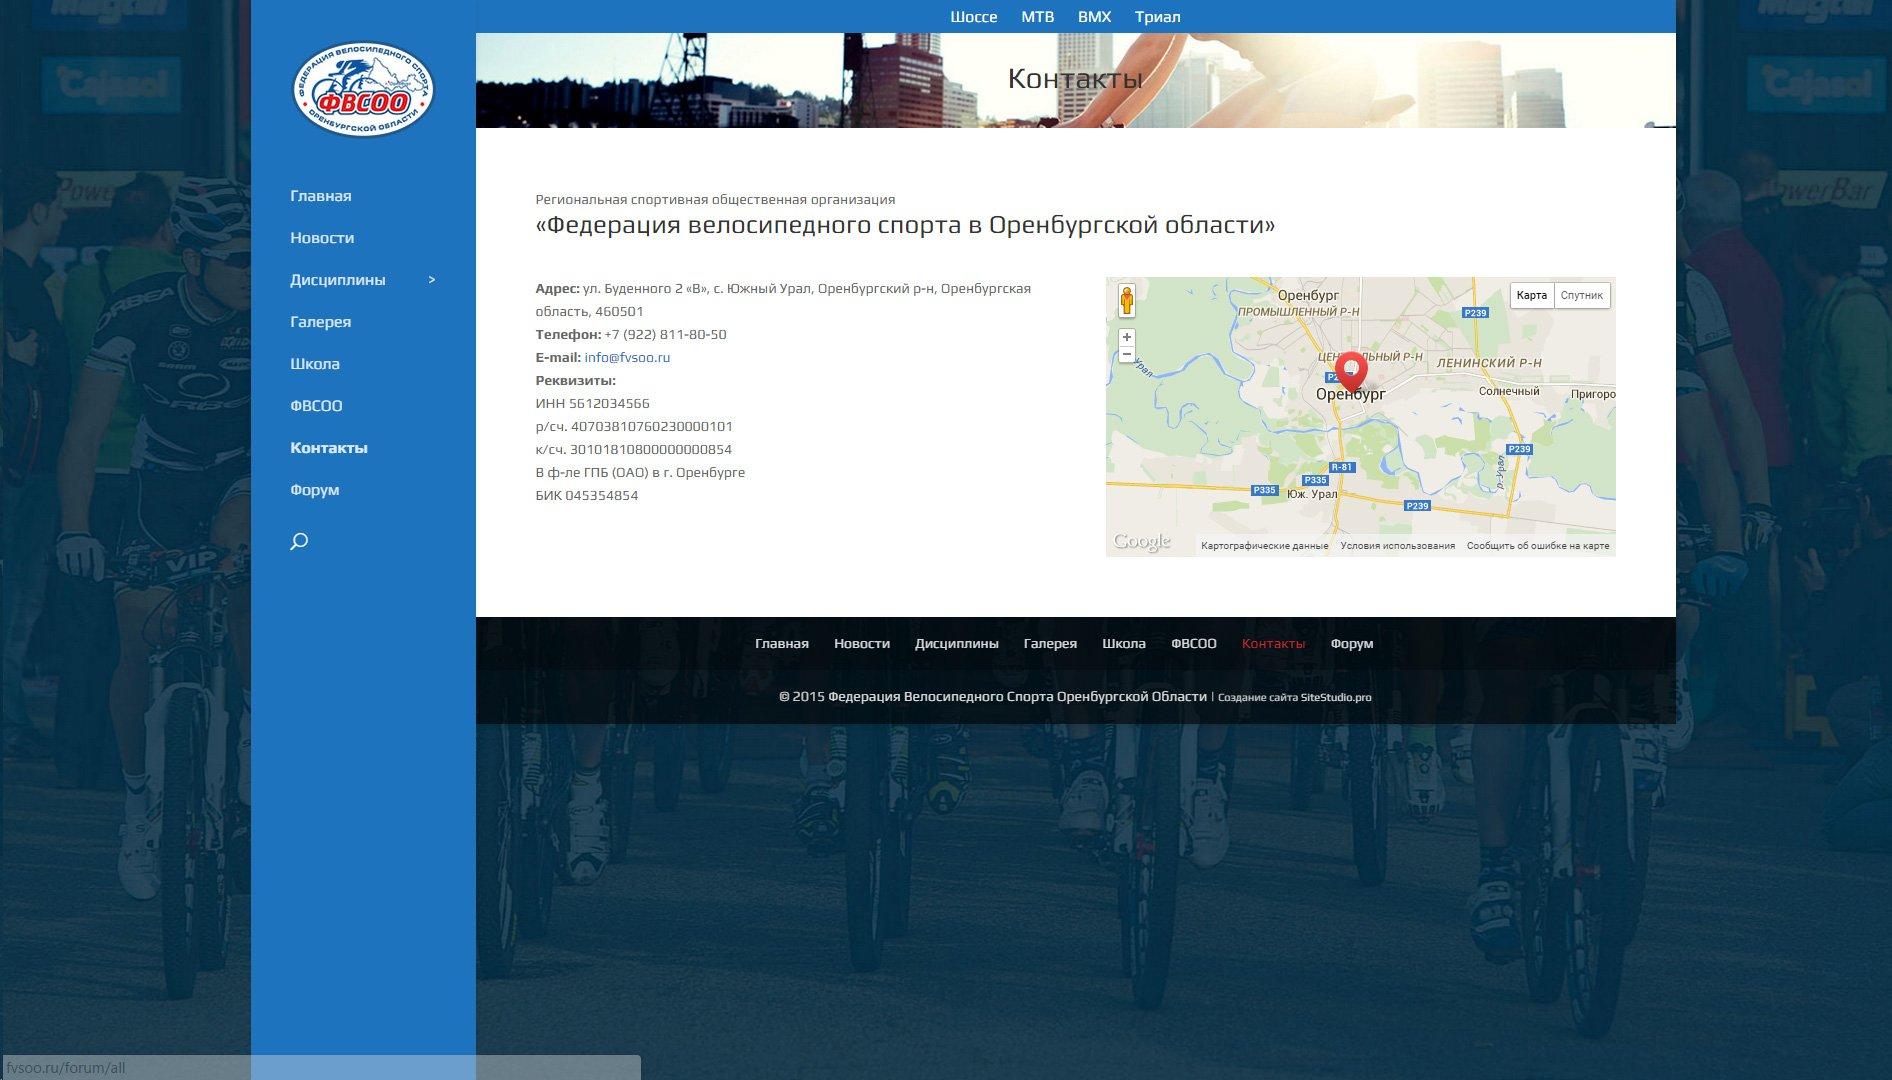 Создание сайта fvsoo.ru(11)